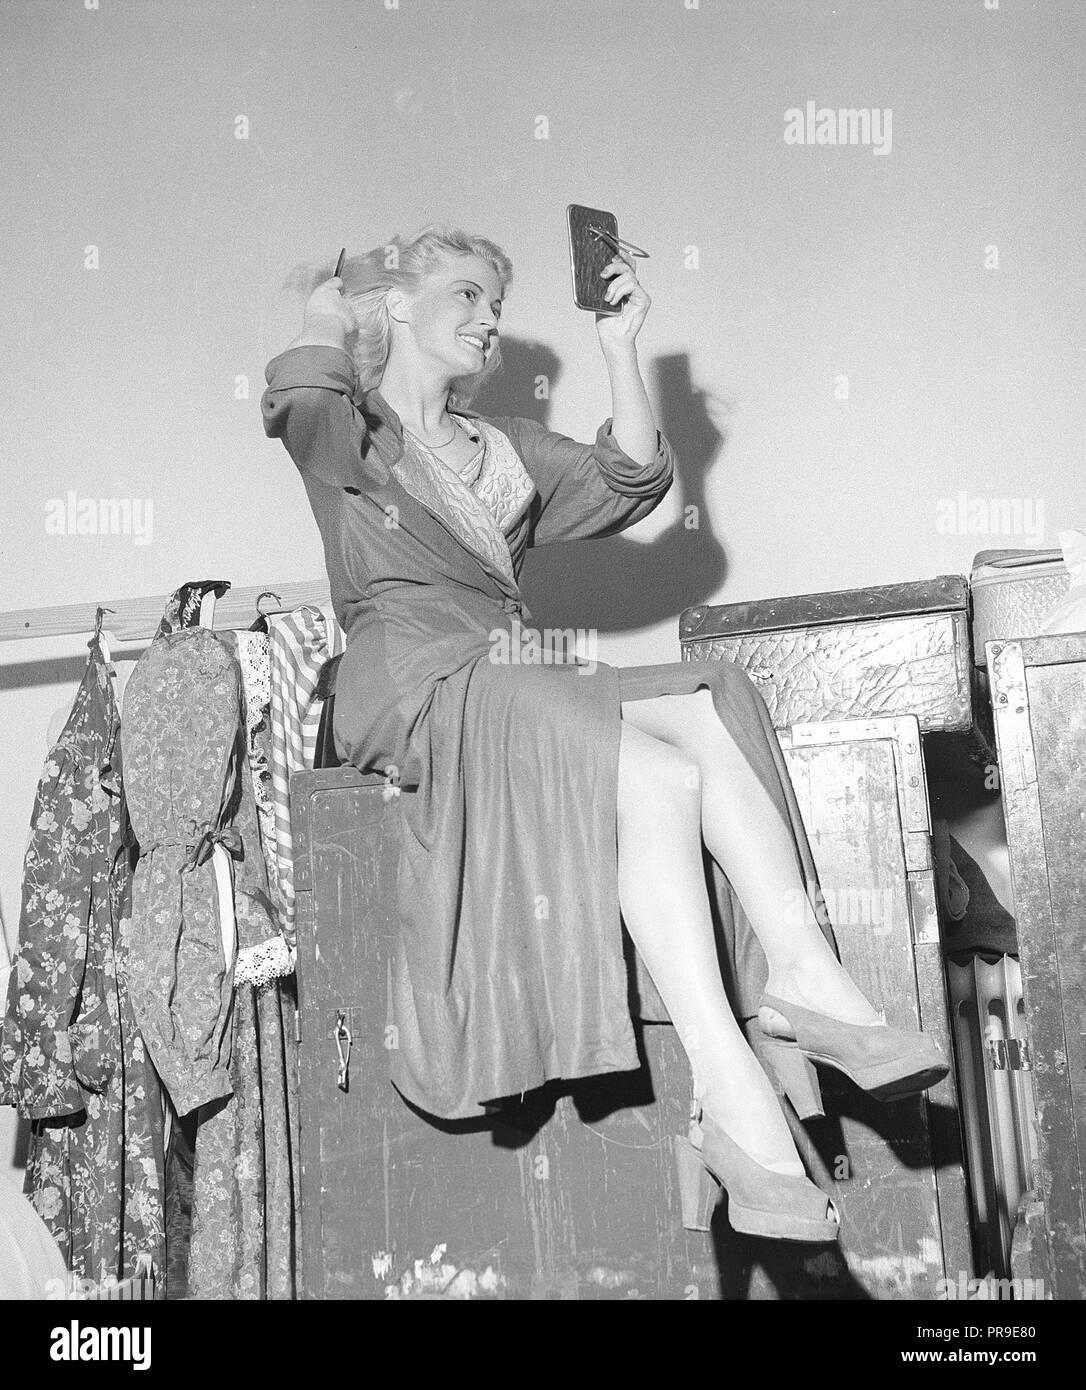 Frau zur Festsetzung ihr Haar in den 1940er Jahren. Eine junge blonde Frau ist auf der Suche nach sich selbst in einem Taschenspiegel, während Sie Ihr Haar kämmen. Schweden 1940. Foto Kristoffersson Ref X 30-1 Stockbild